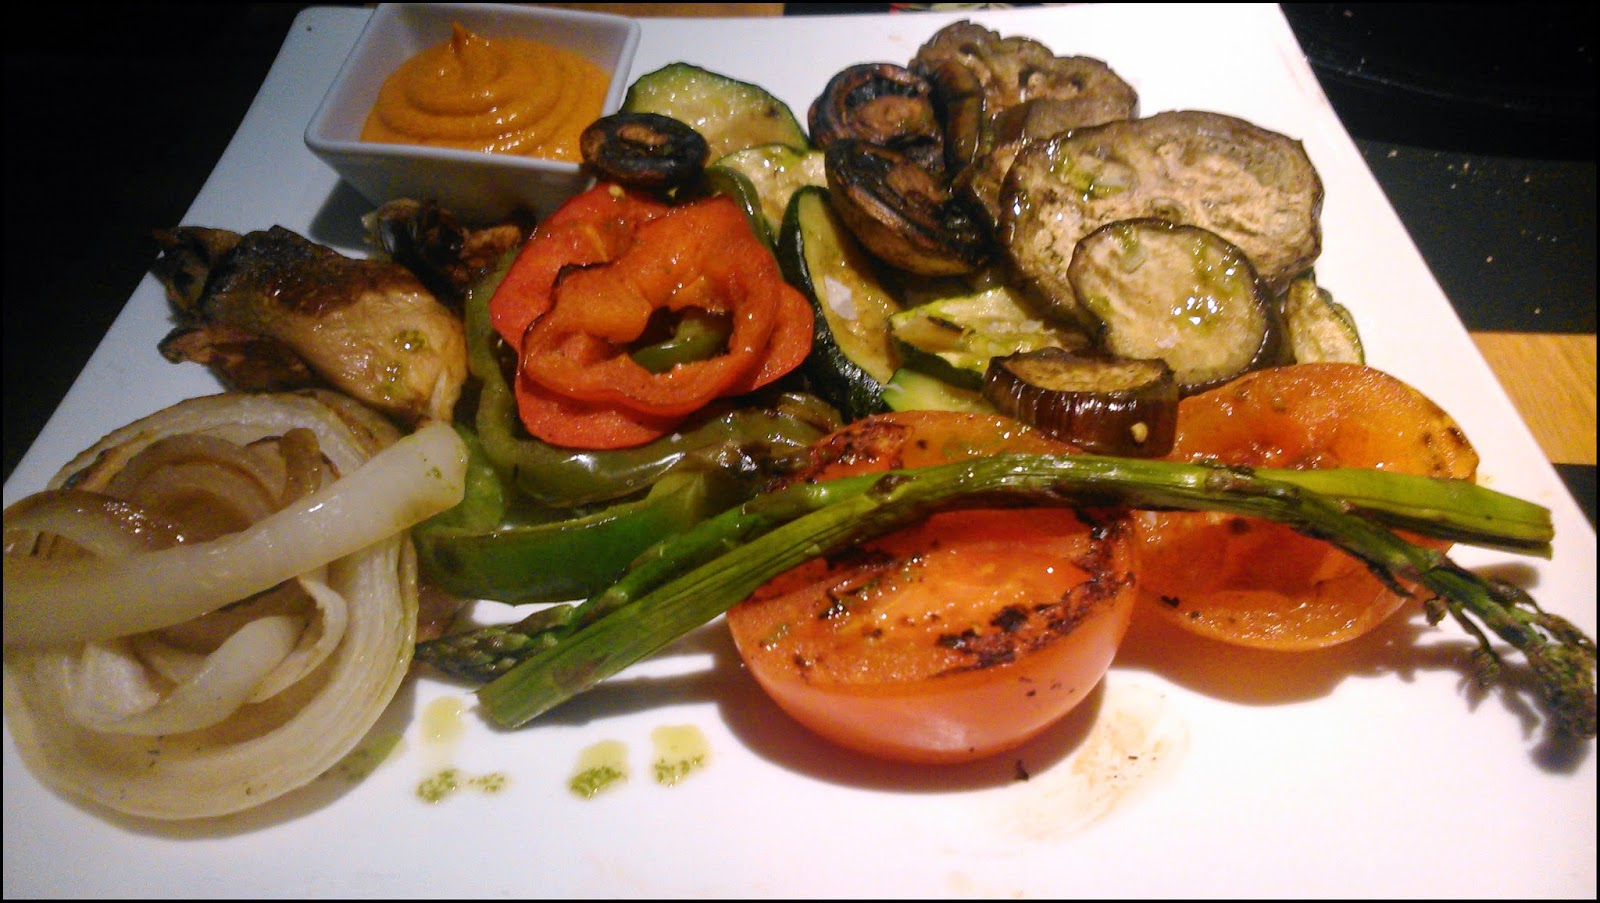 La chulapa de alcal cocina mediterr nea en un ambiente - La chulapa de alcala madrid ...